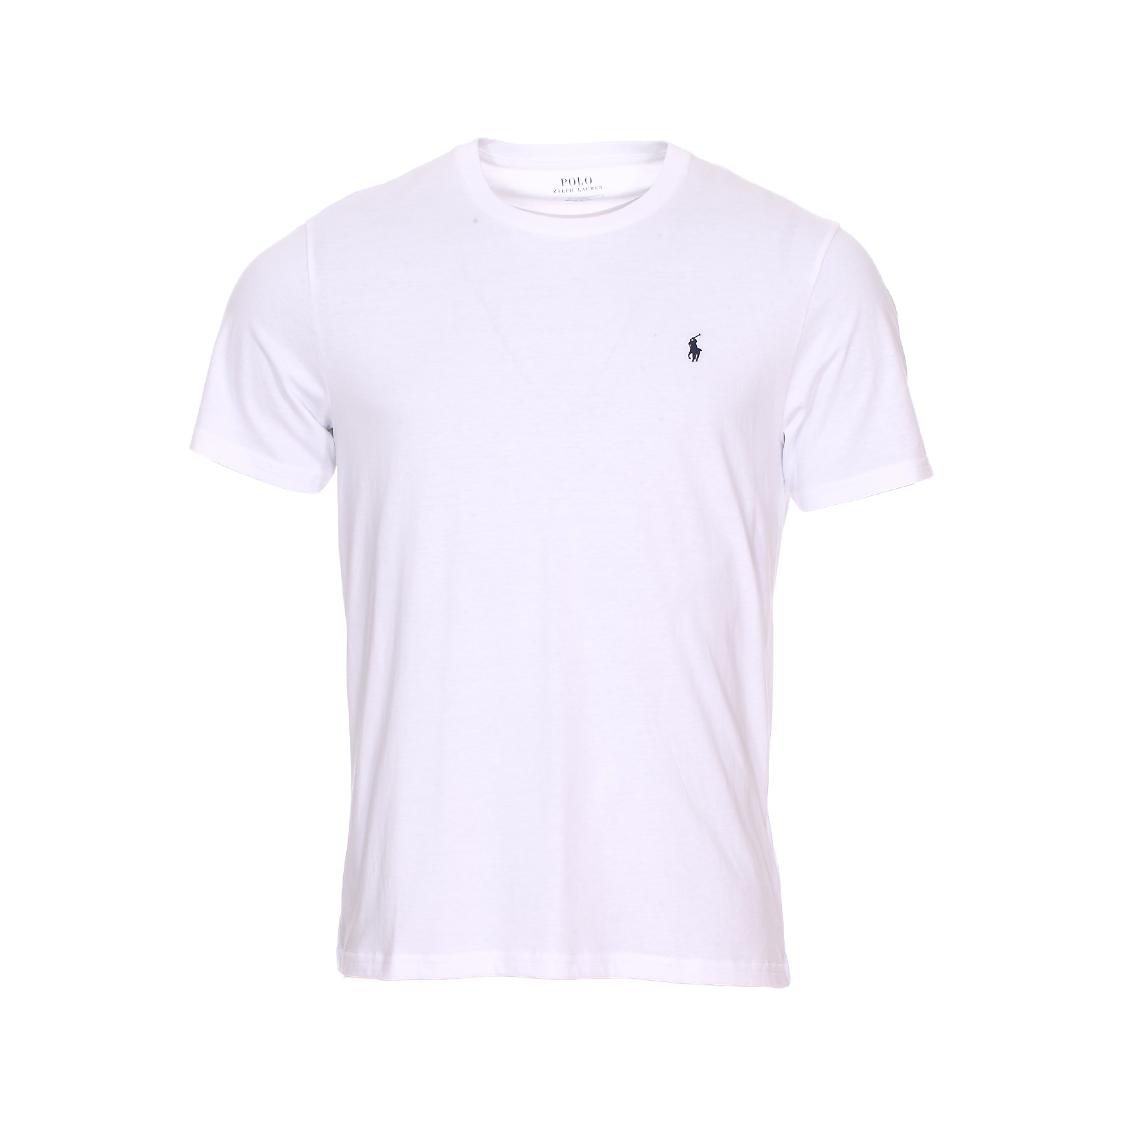 Tee-shirt col rond  en coton blanc à logo bleu marine brodé